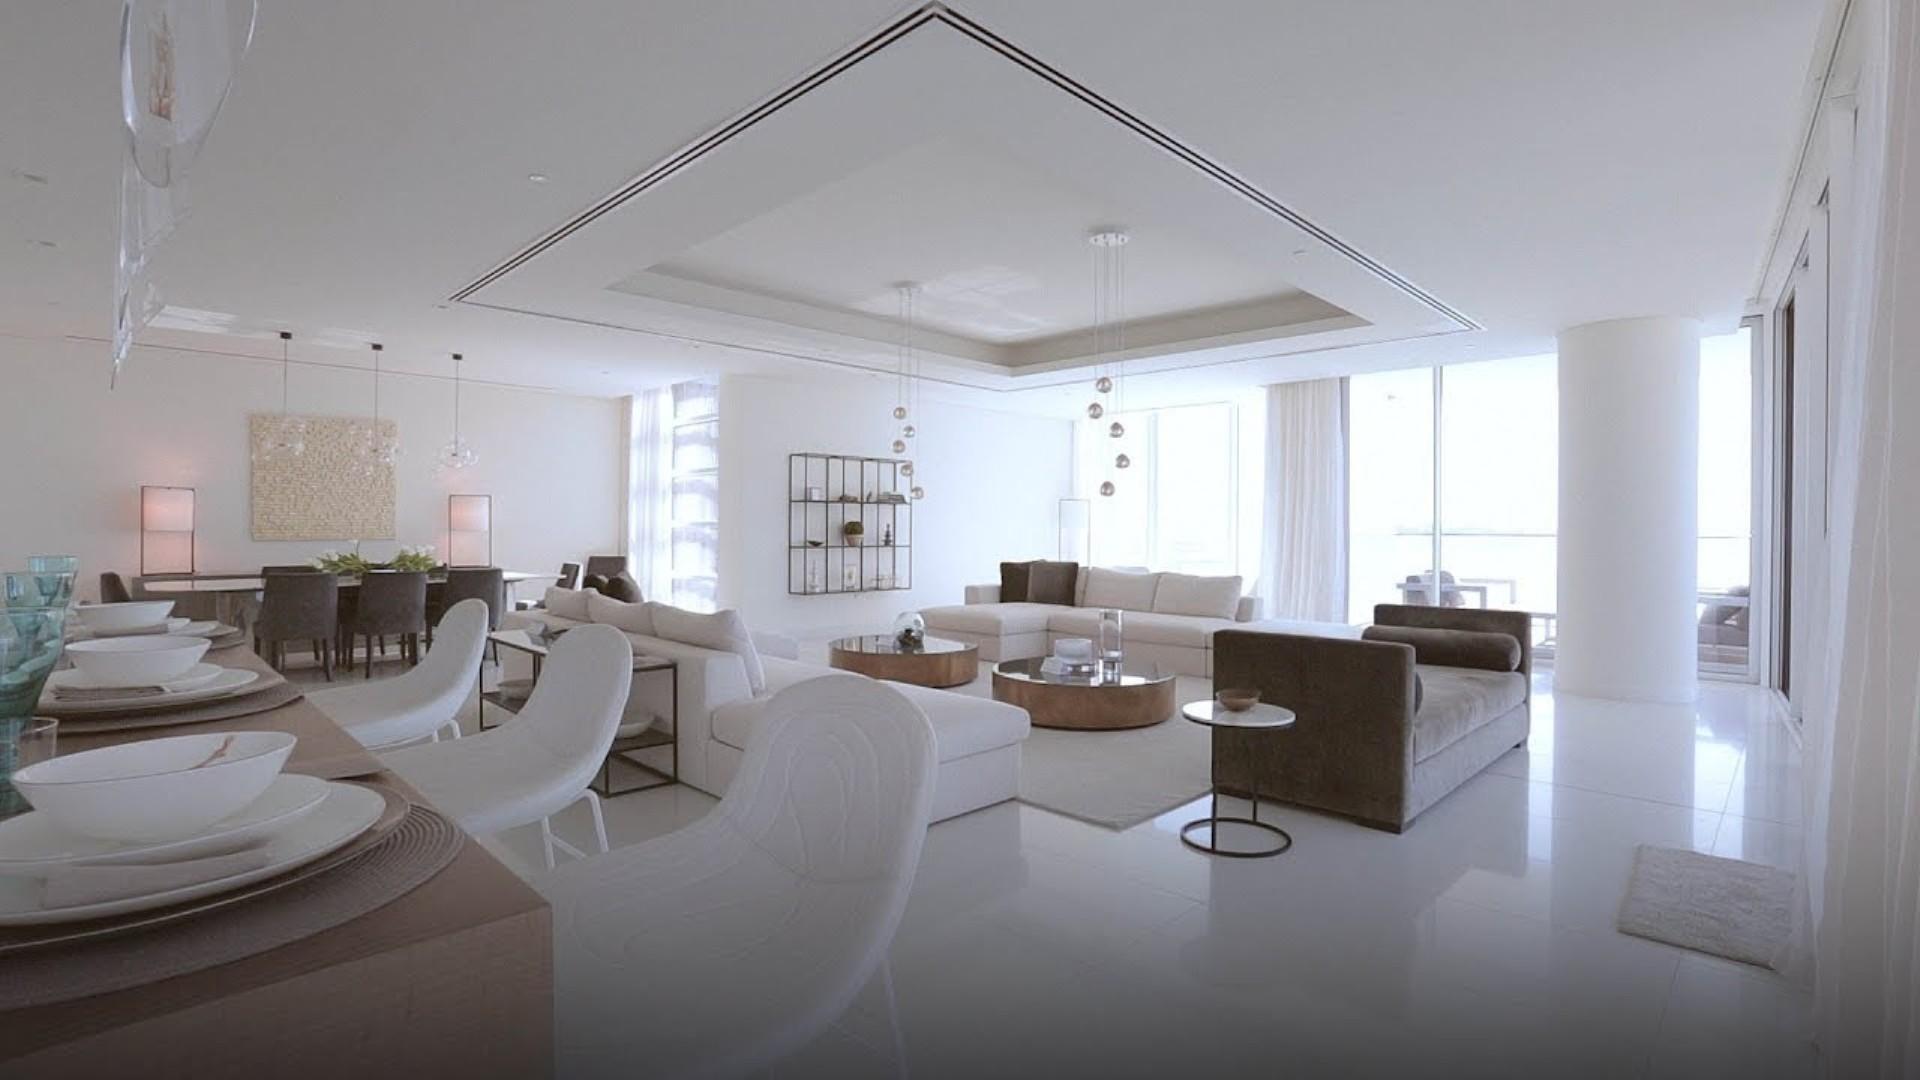 Ático en venta en Dubai, EAU, 4 dormitorios, 310 m2, № 24383 – foto 1